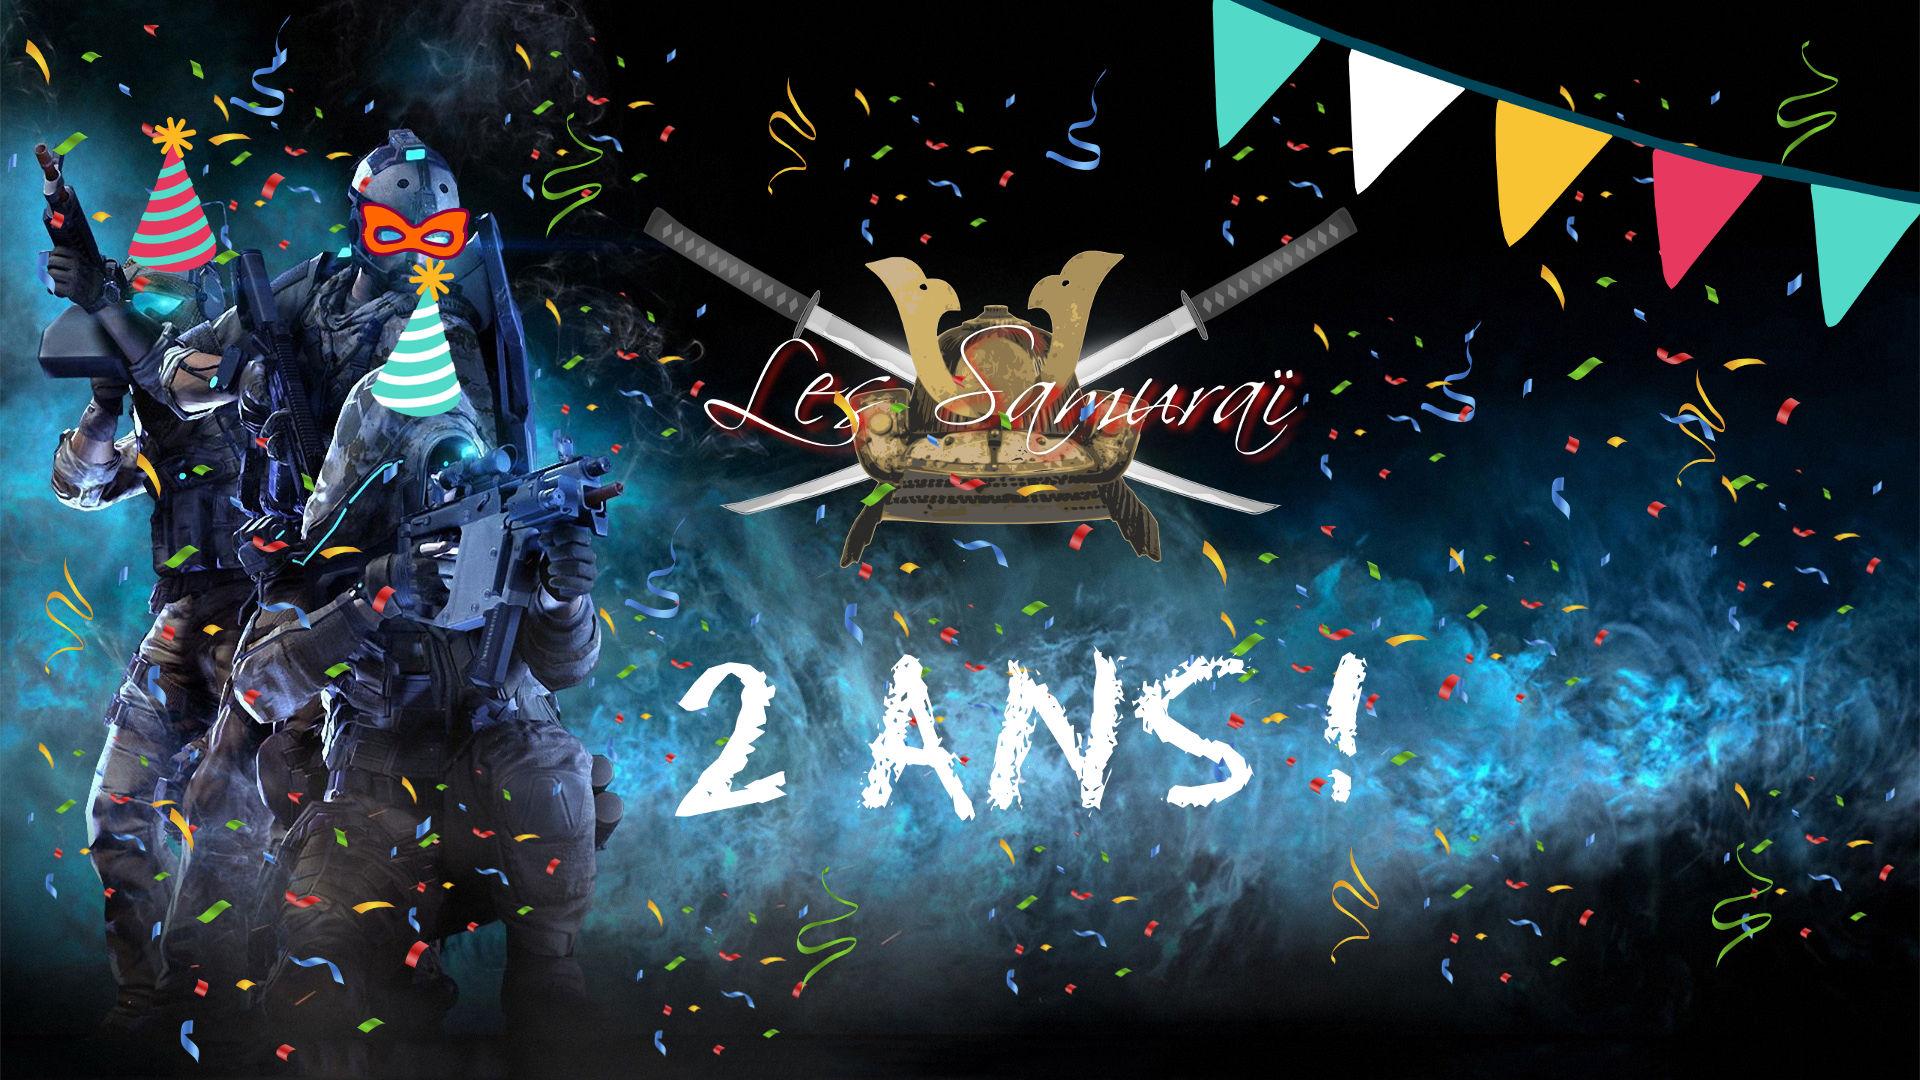 Les XlS - Communauté de joueurs francophones sur de nombreux jeux en ligne